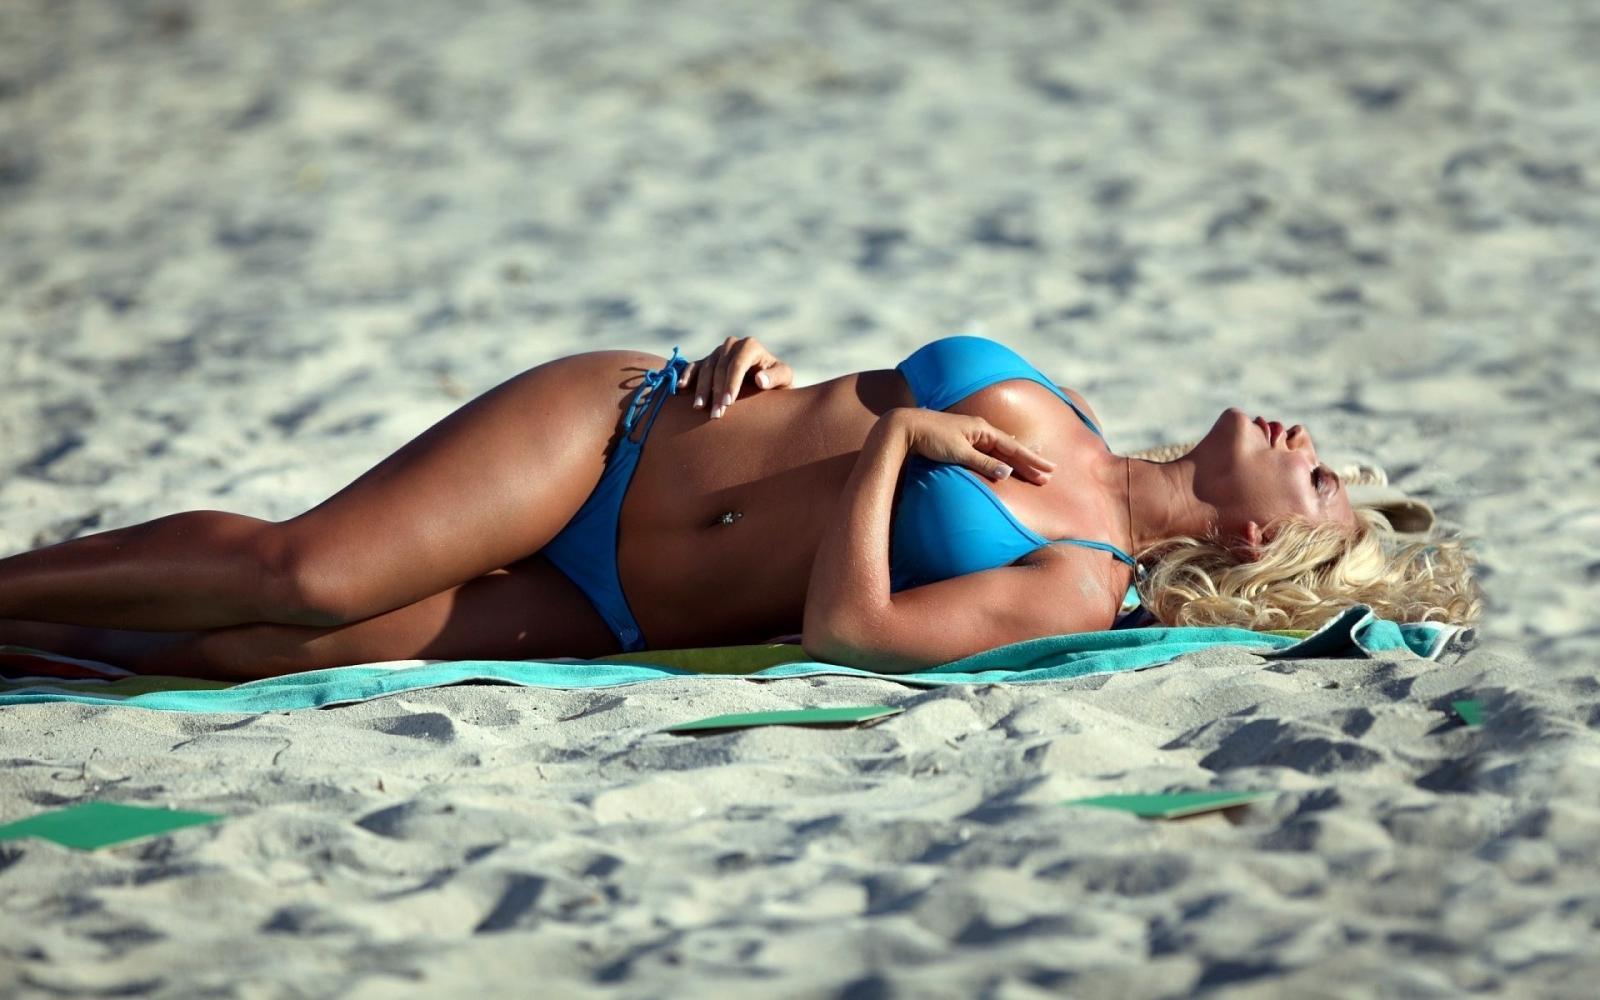 Фотки блондинок в бикини 20 фотография